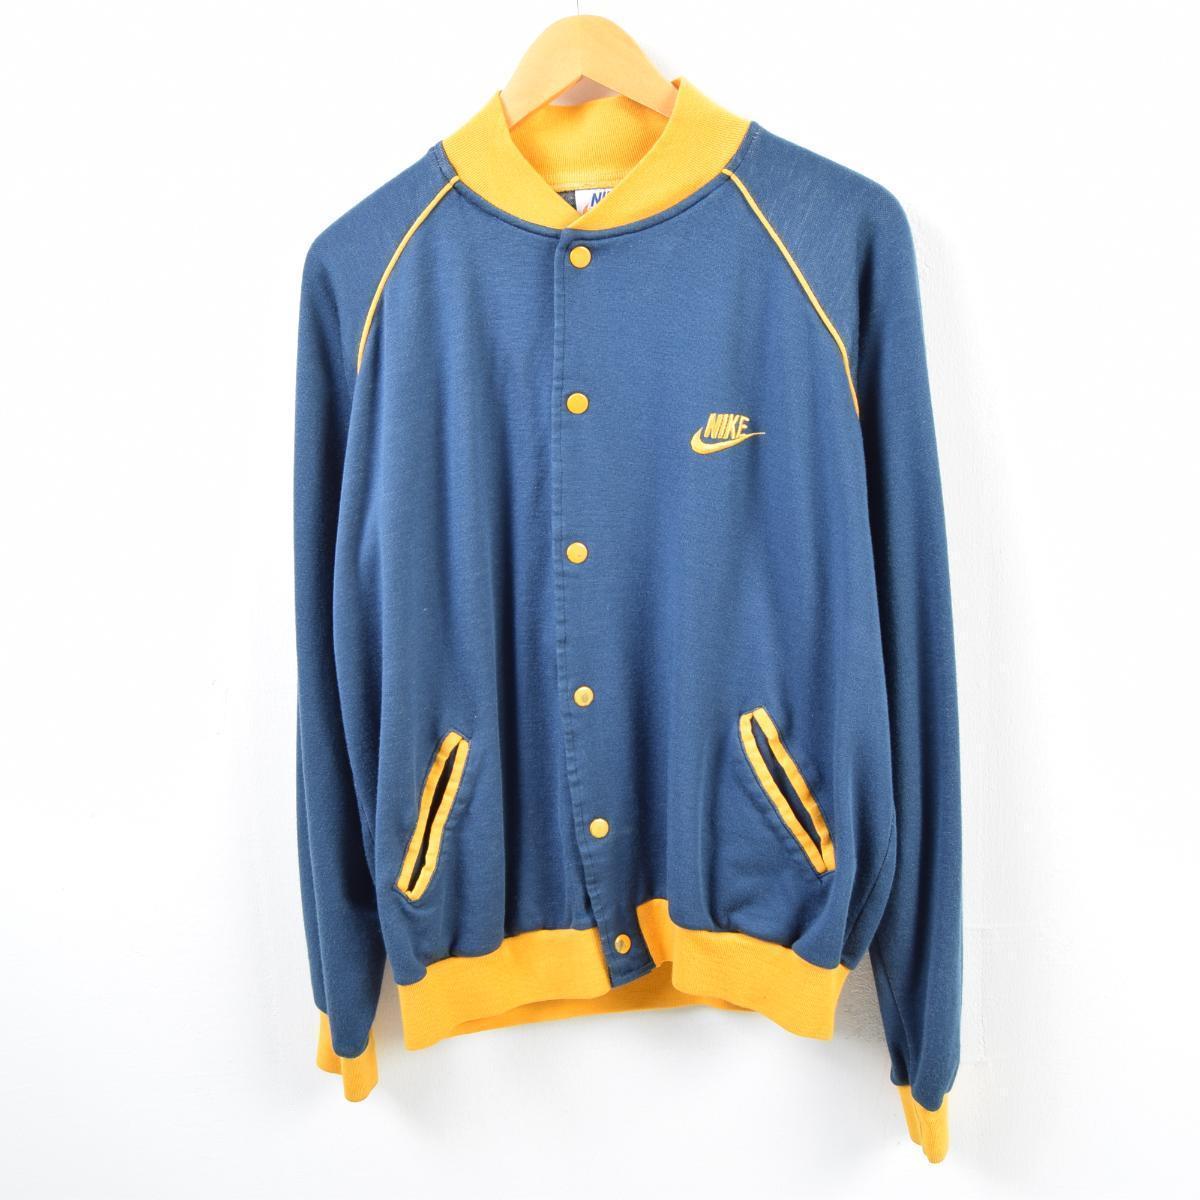 70年代 ナイキ NIKE オレンジタグ ジャージ トラックジャケット メンズS ヴィンテージ /wbb4611 【中古】【N1905】 【190416】